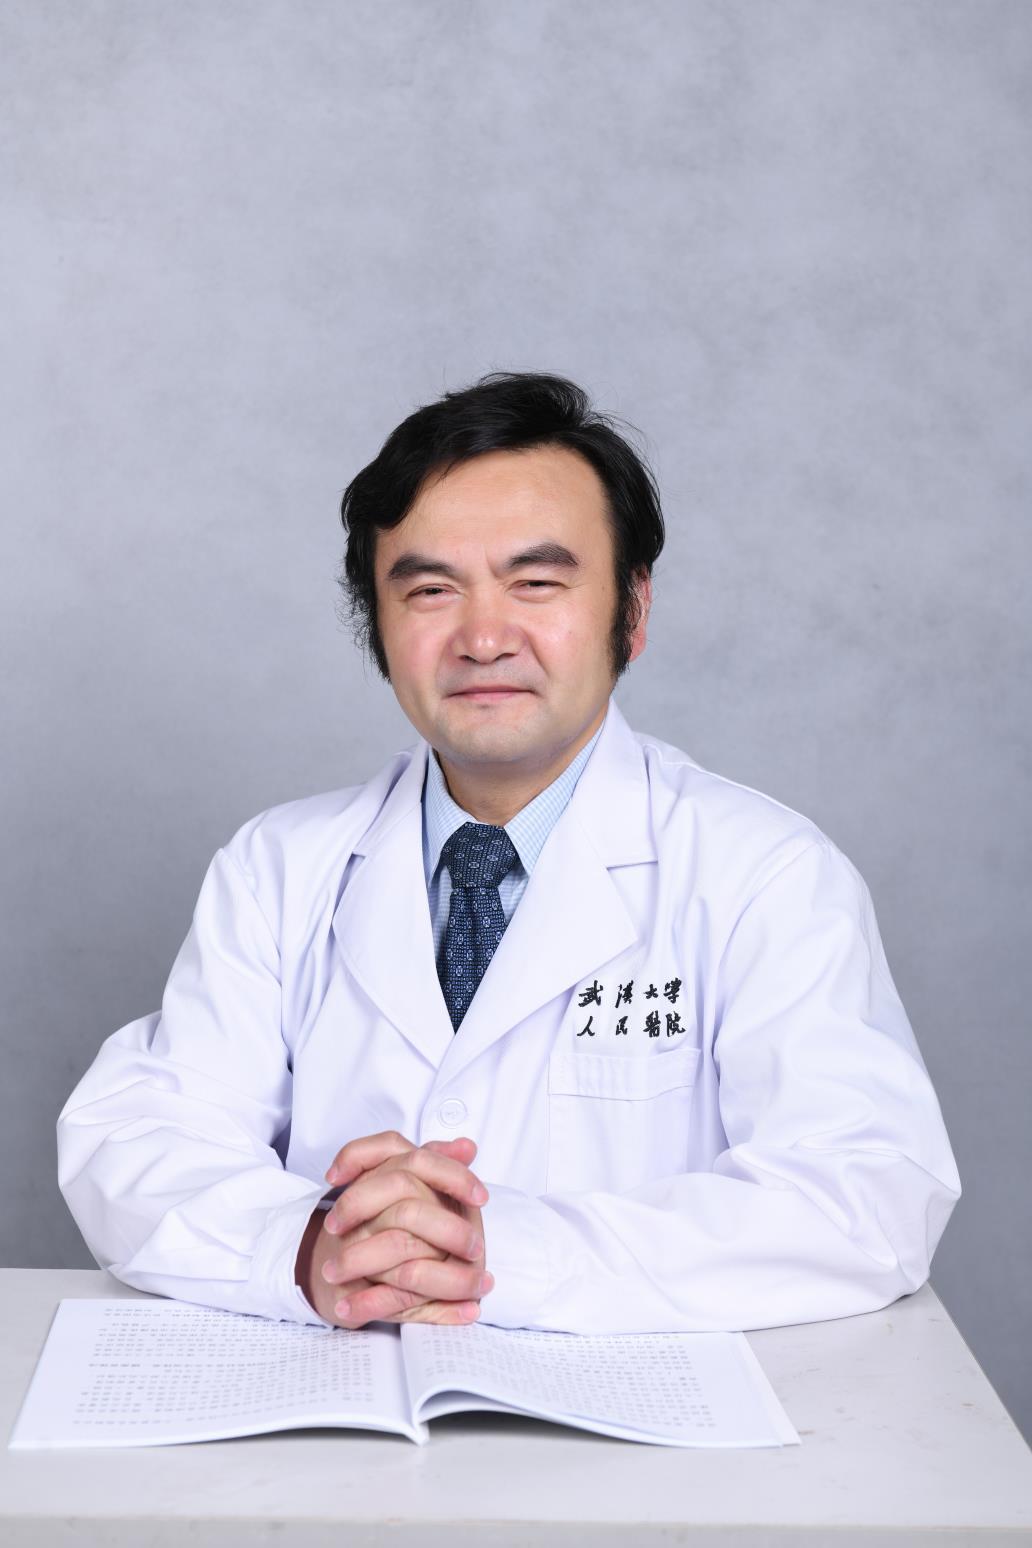 余追教授入选 2021 年度「荆楚楷模·最美健康守护者」